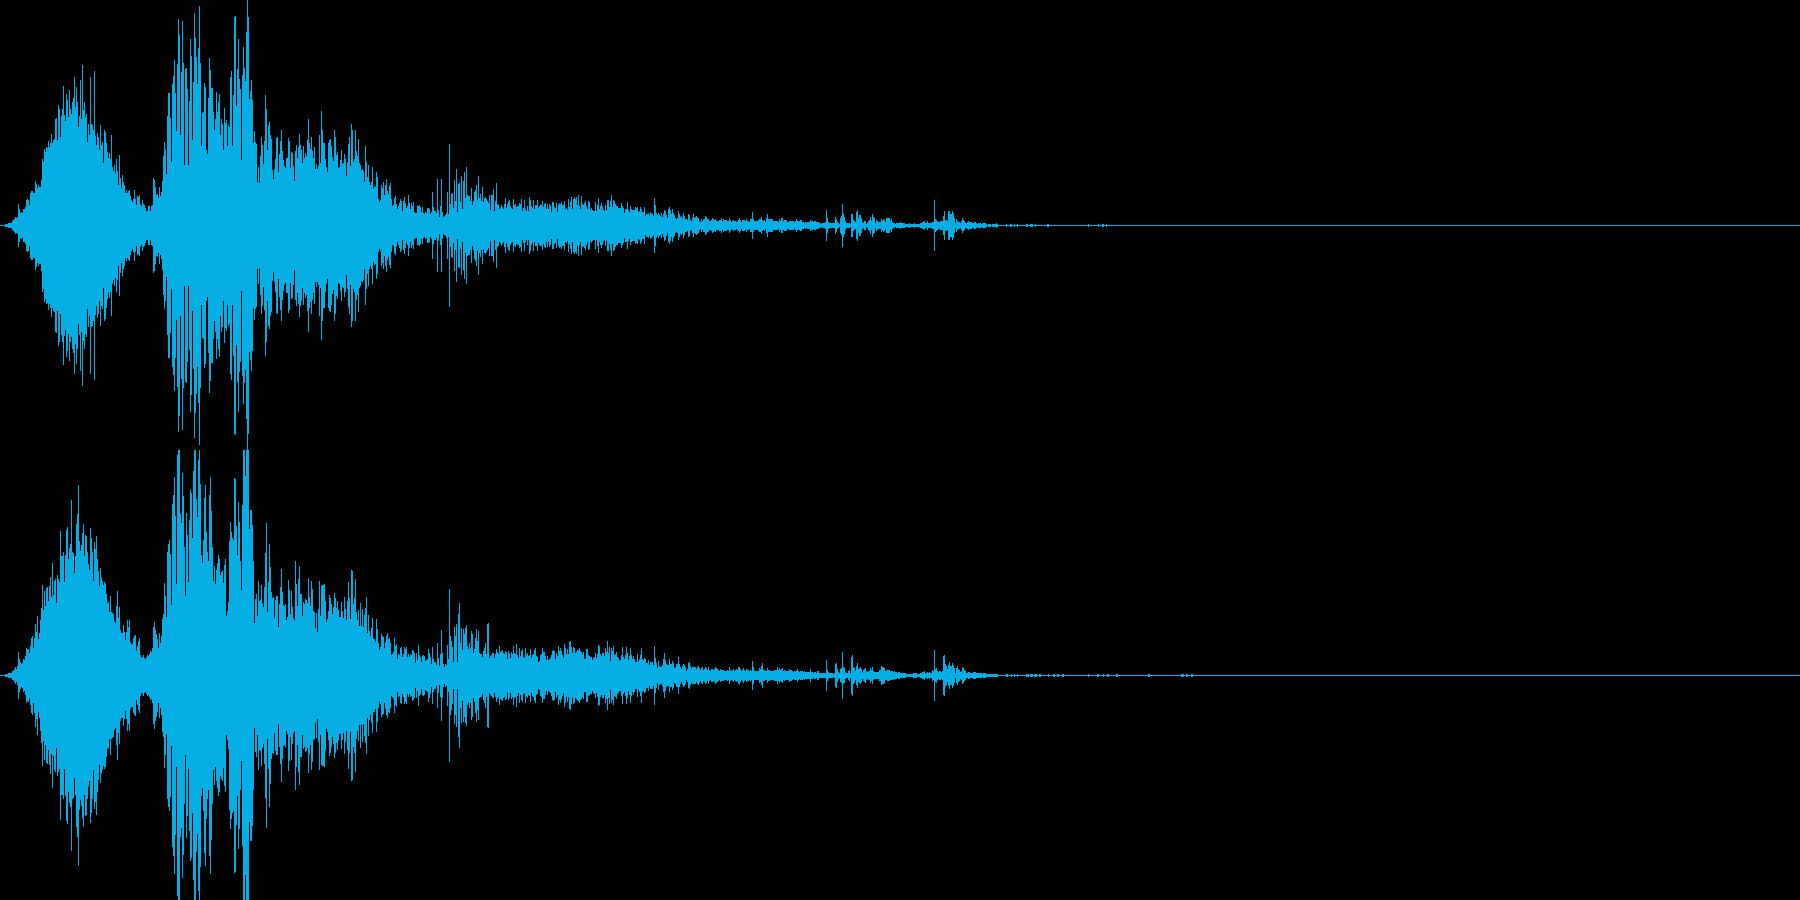 斬撃音(刀や剣で斬る/刺す効果音)16bの再生済みの波形